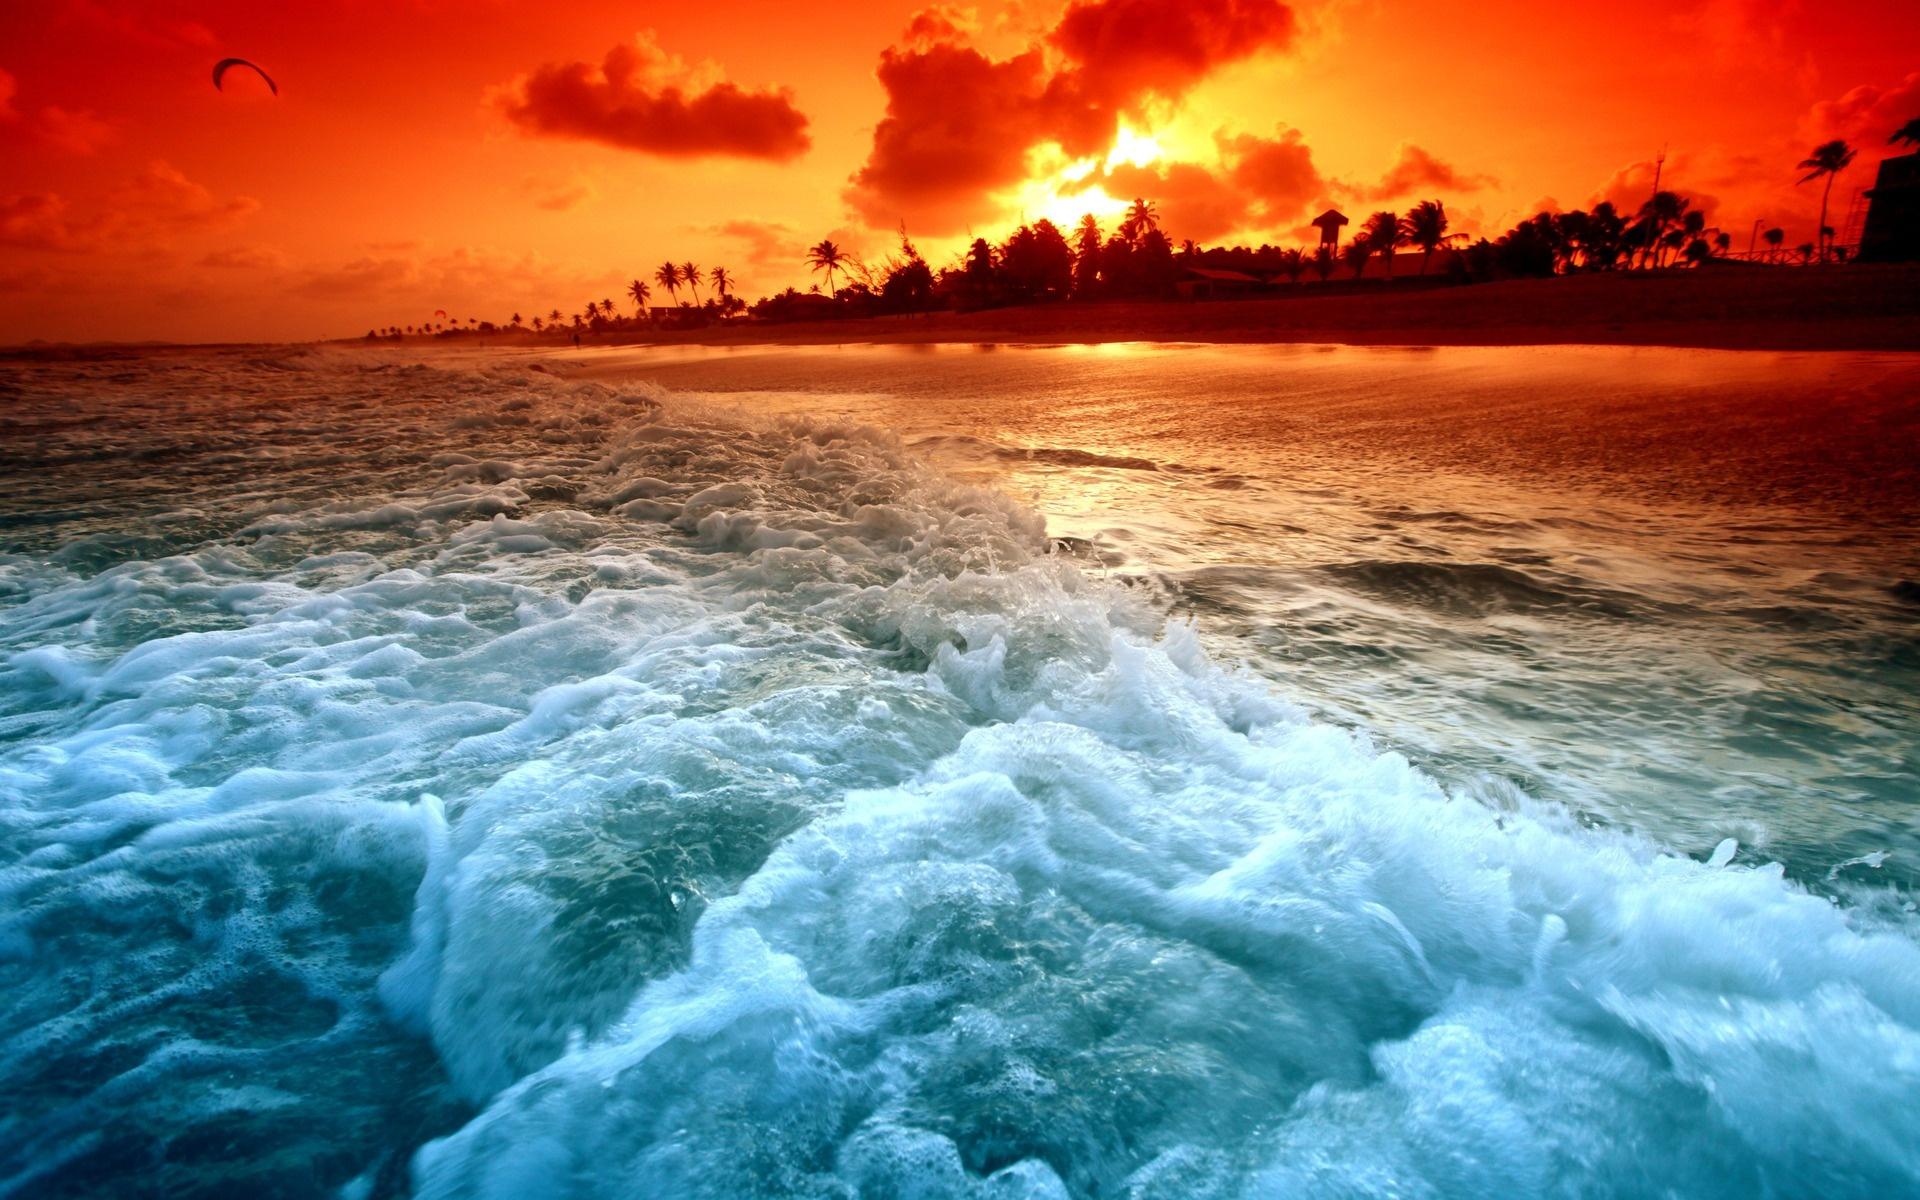 Fond d'ecran Vagues plage paradisiaque - Wallpaper